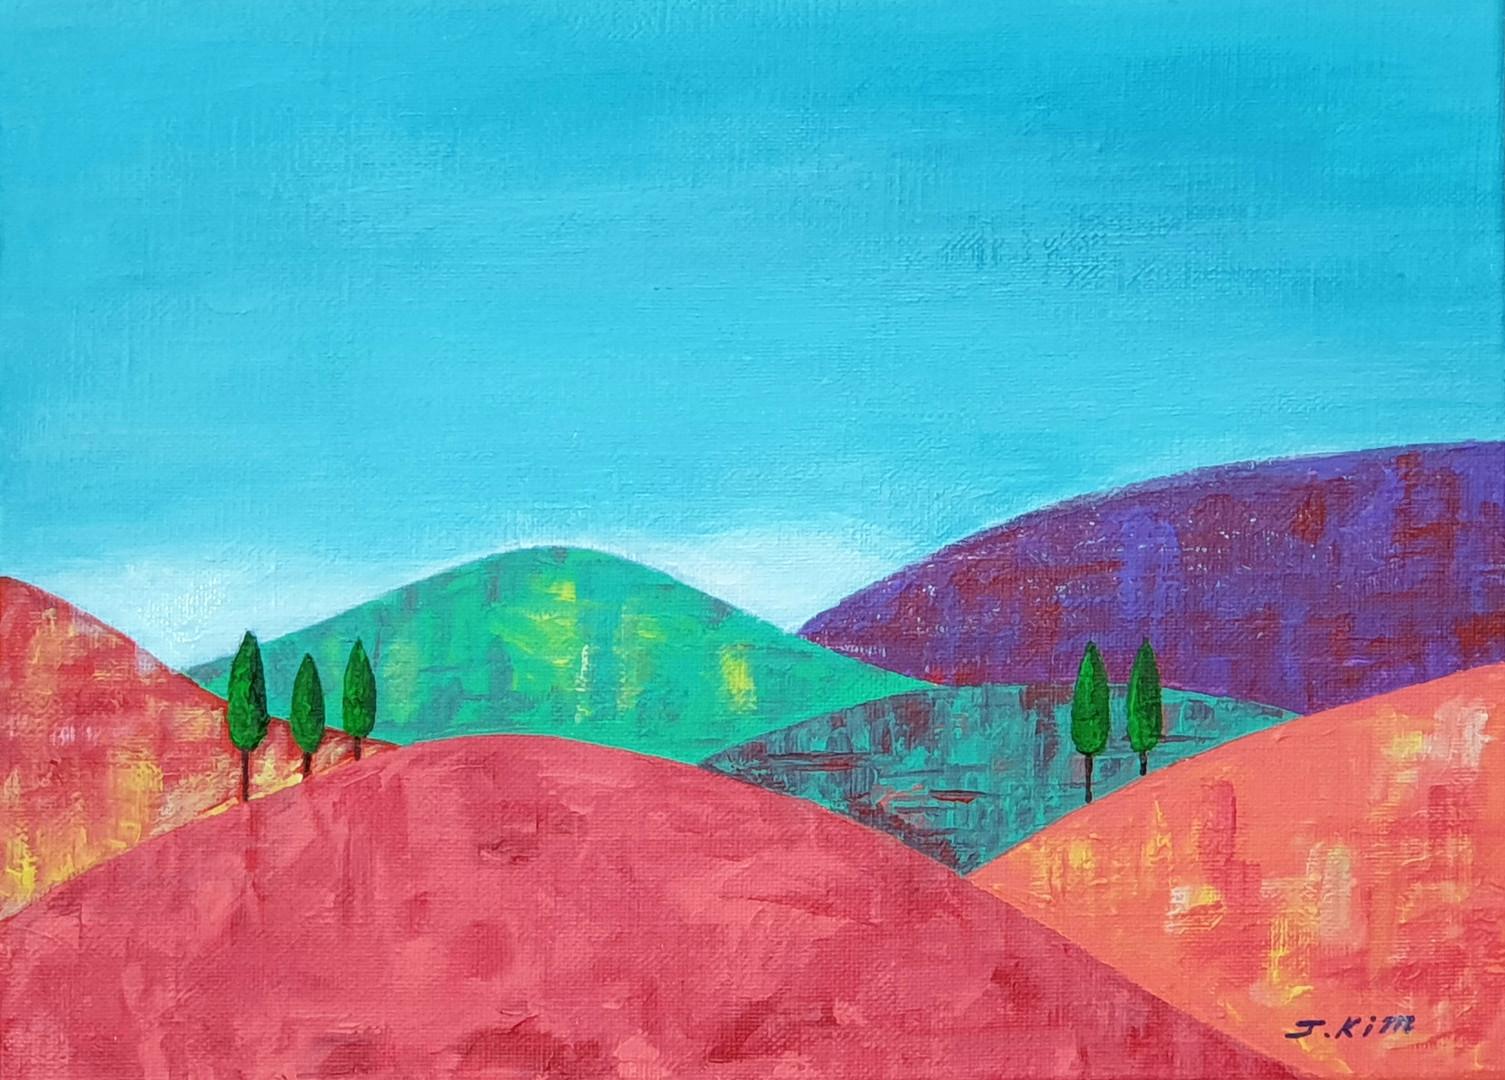 [제이킴, 가을은 아프다, 33.4 x 31.8 cm. Acrylic on Canvas, 2019]